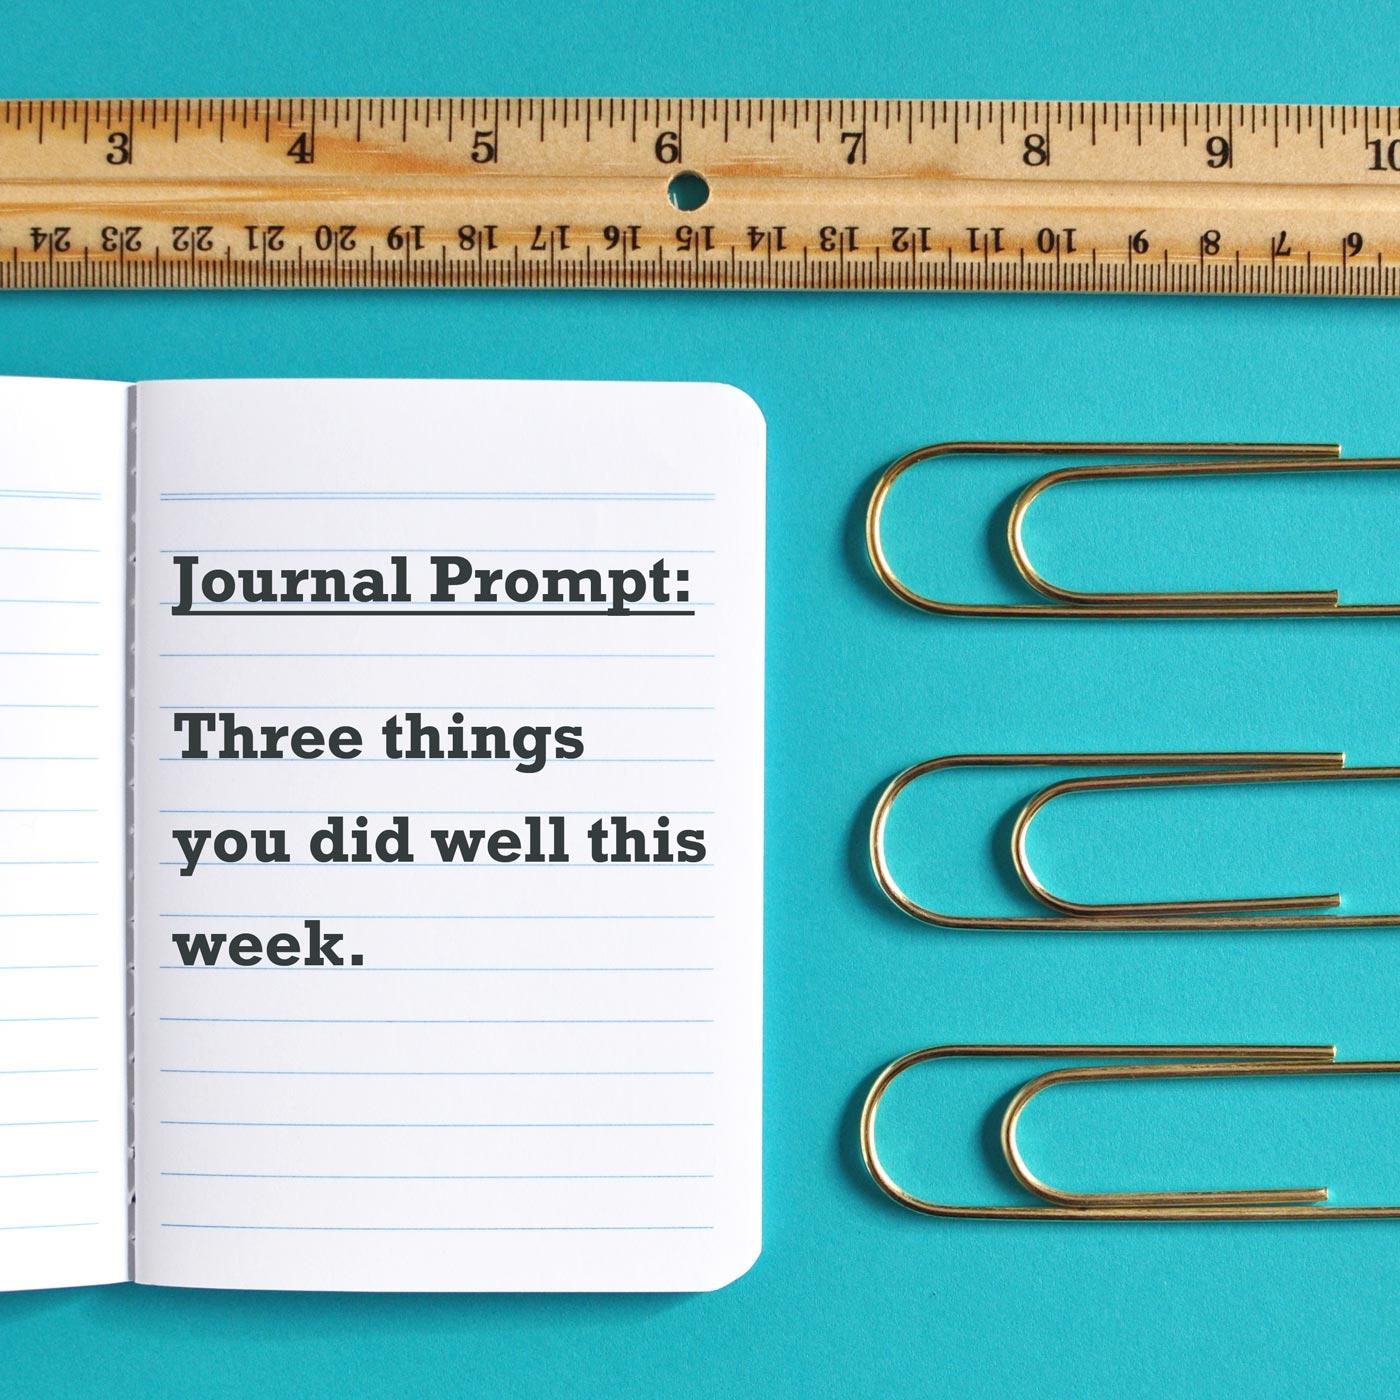 15-12-2017-Journal-Prompt-by-Christie-Zimmer.jpg